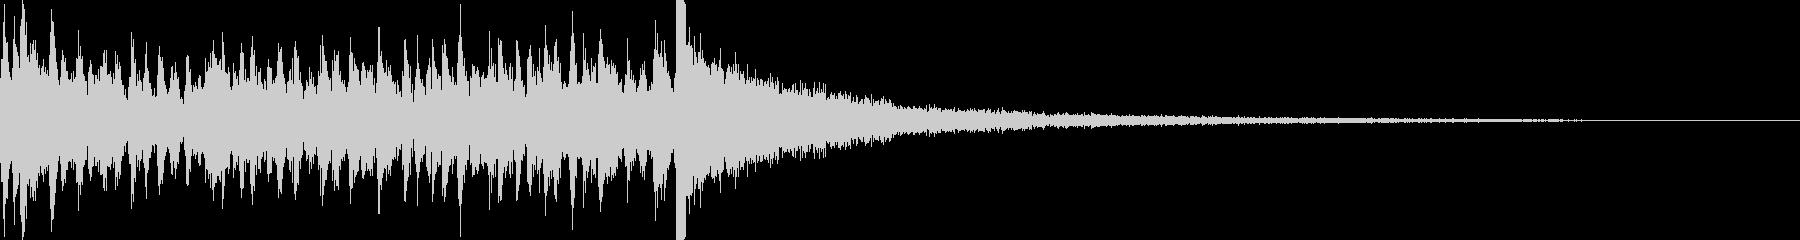 3秒でシンバルが鳴るドラムロール 豪華の未再生の波形